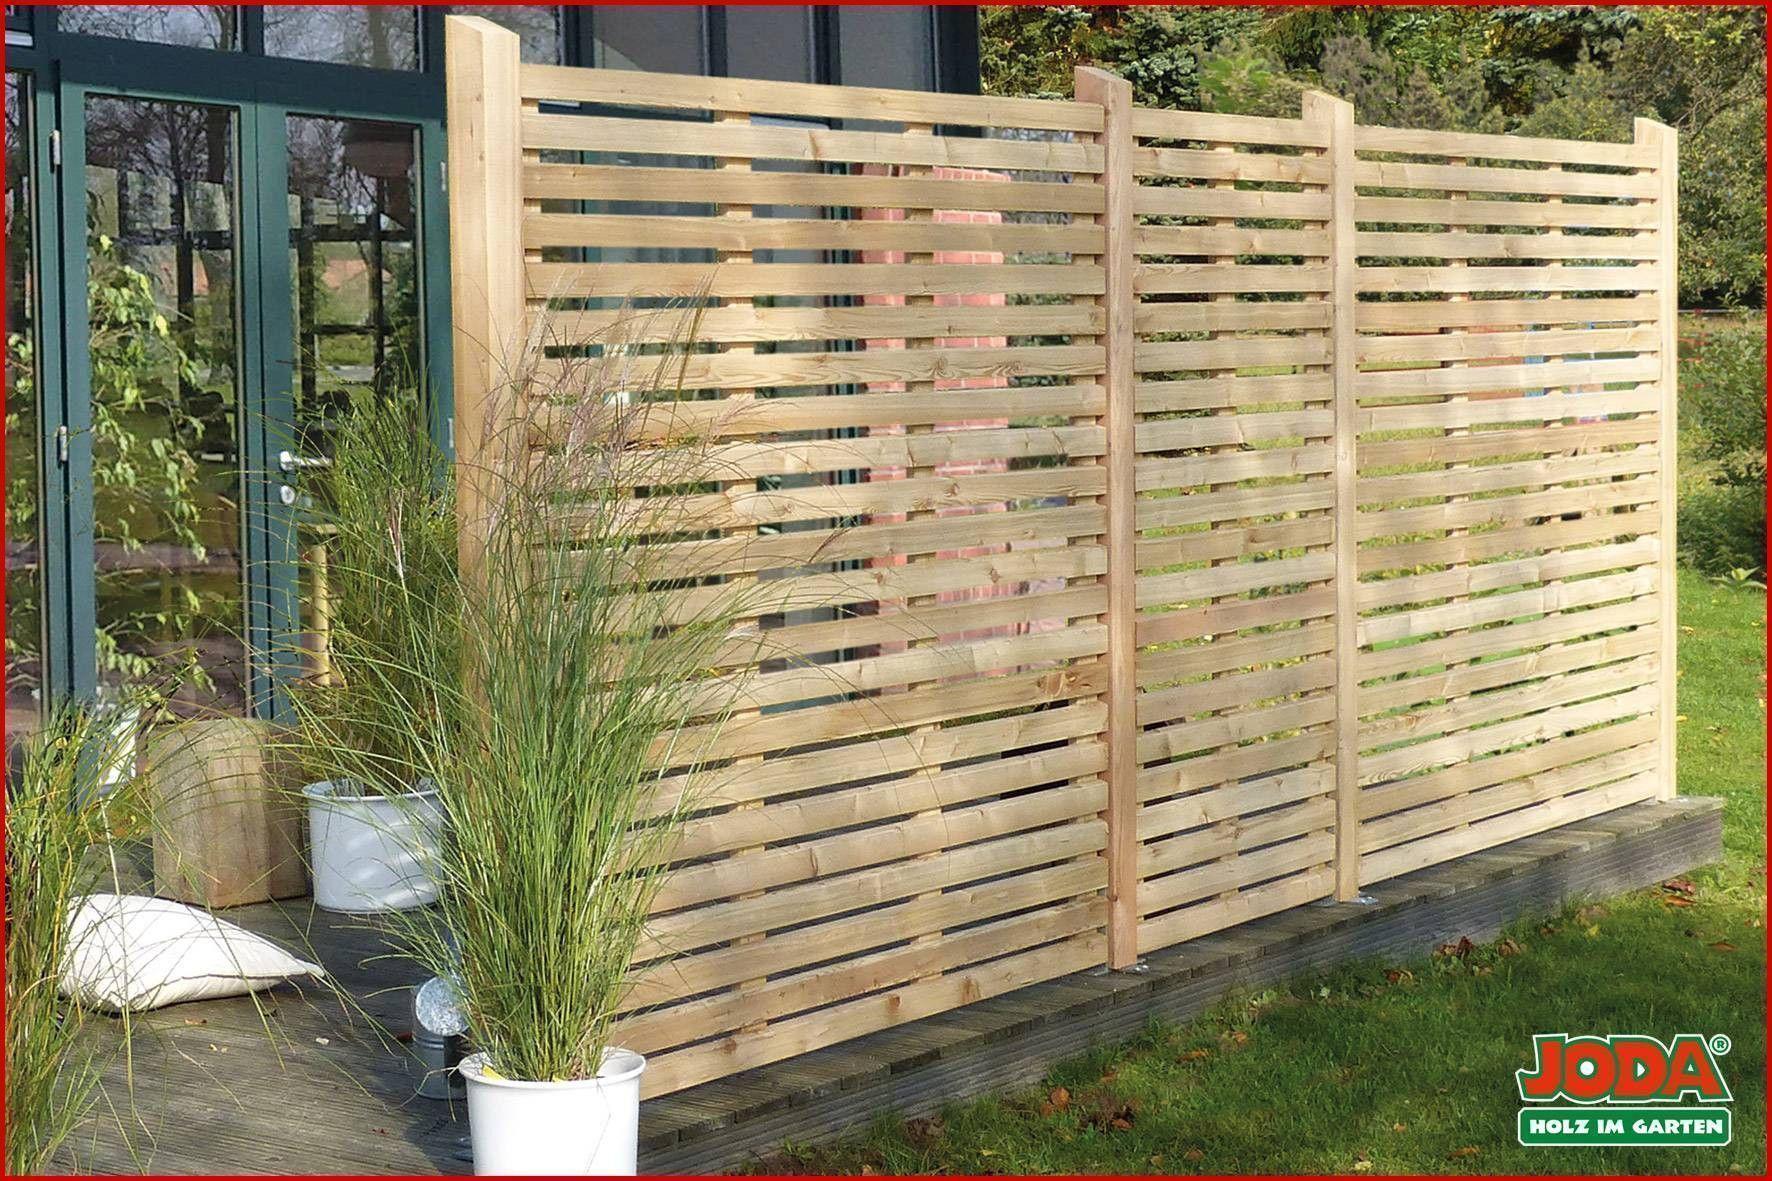 Konzept 40 Fur Bambus Sichtschutz Obi Bambussichtschutz Konzept 40 Fur Bambus In 2020 Bambus Sichtschutz Gartensichtschutz Sichtschutzzaun